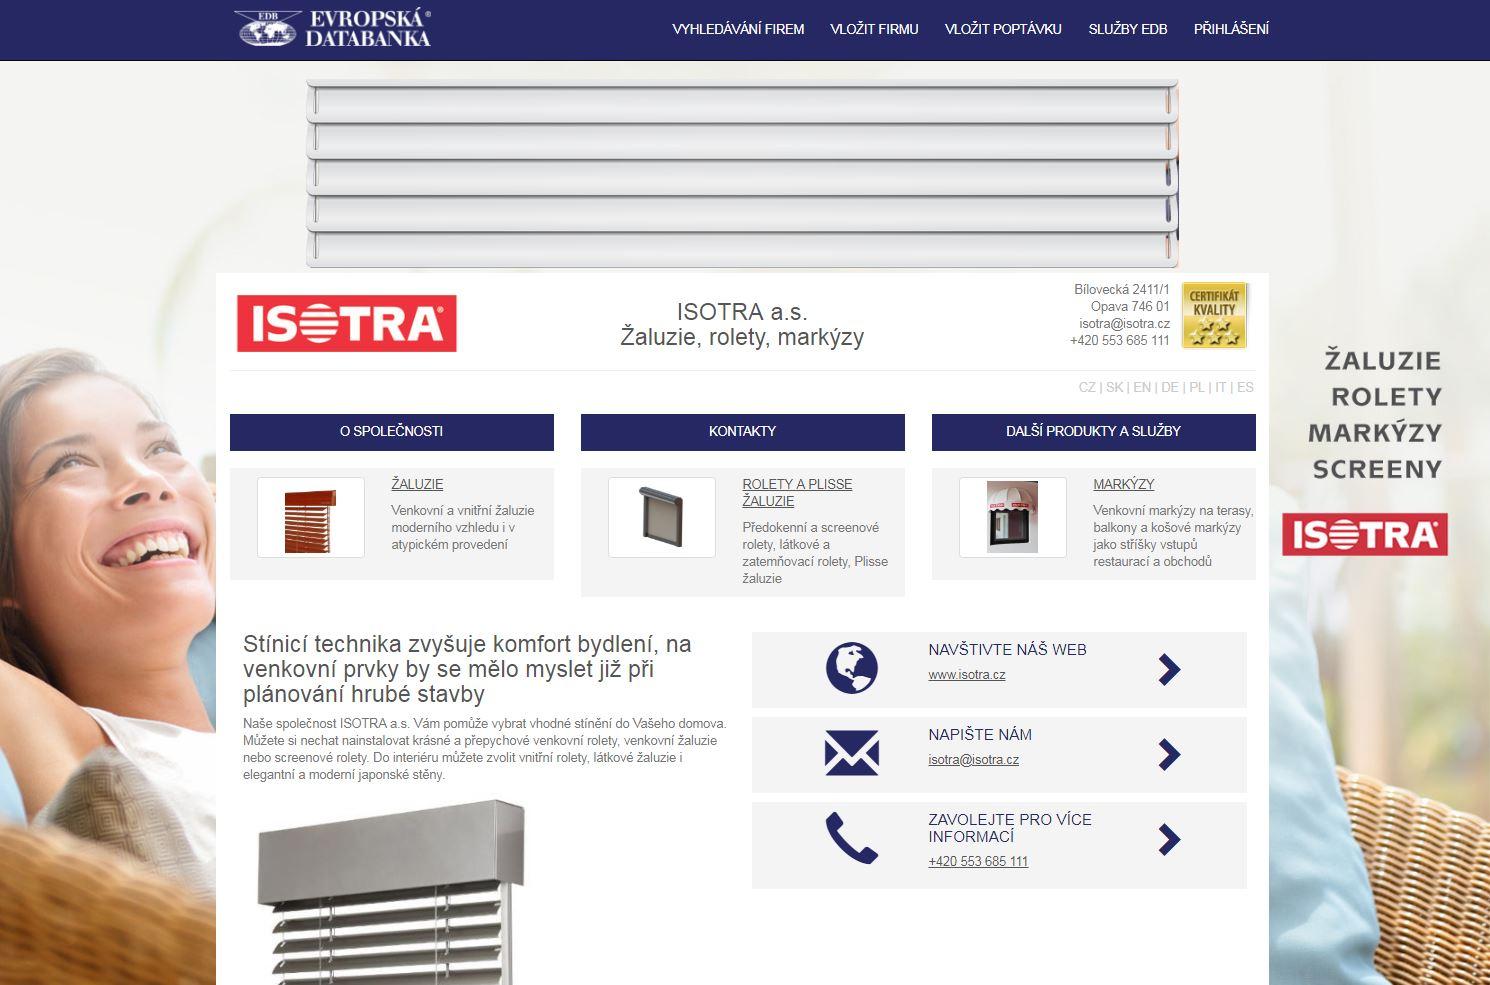 PR články Evropské databanky pro prezentaci firem